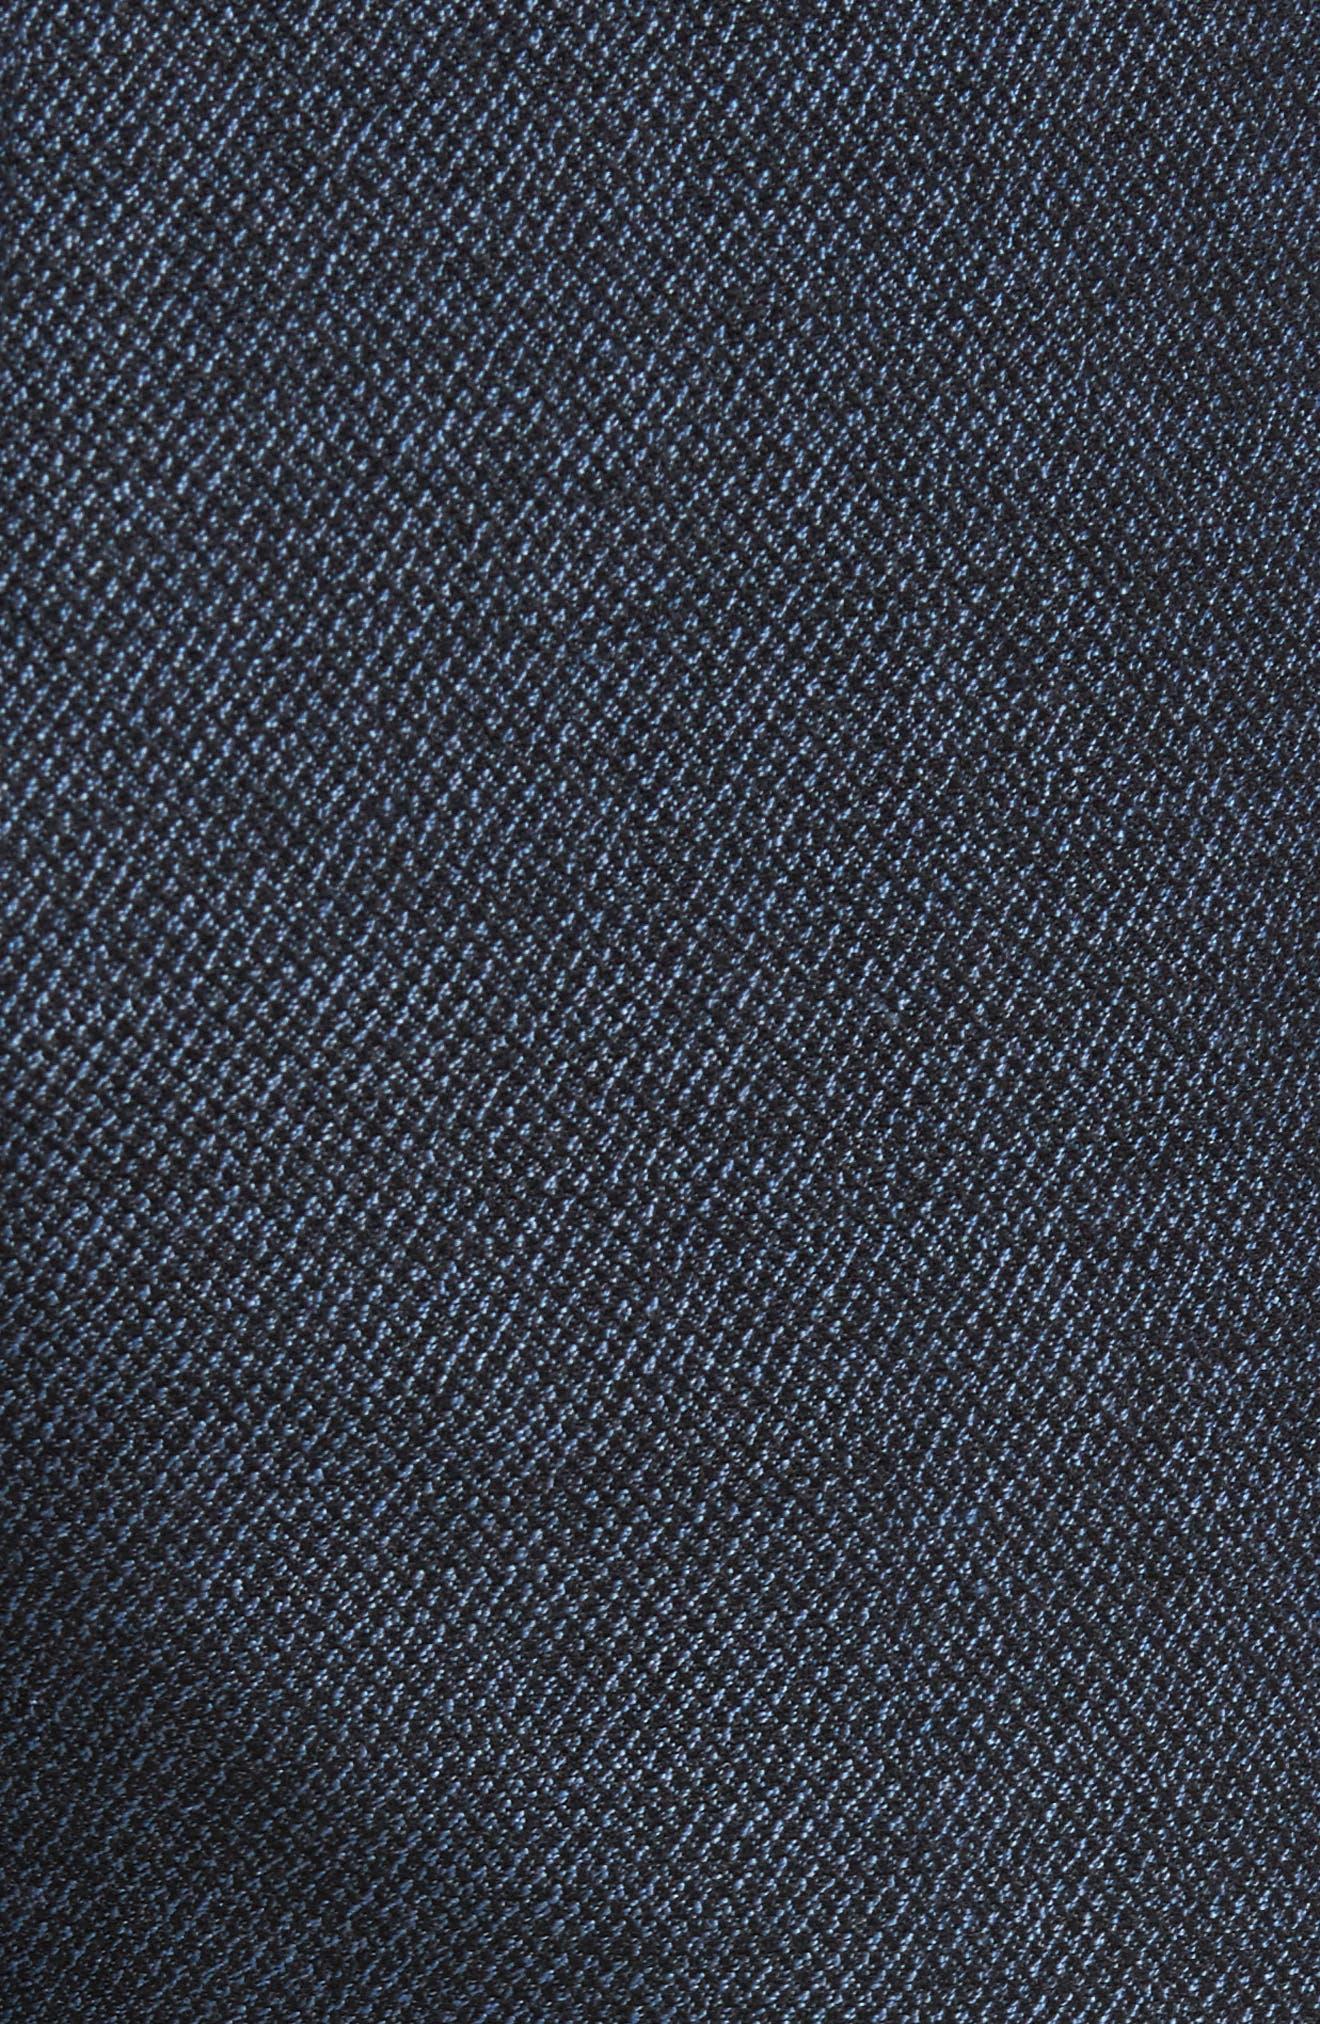 Alternate Image 5  - Ted Baker London Porttro Modern Slim Fit Trousers